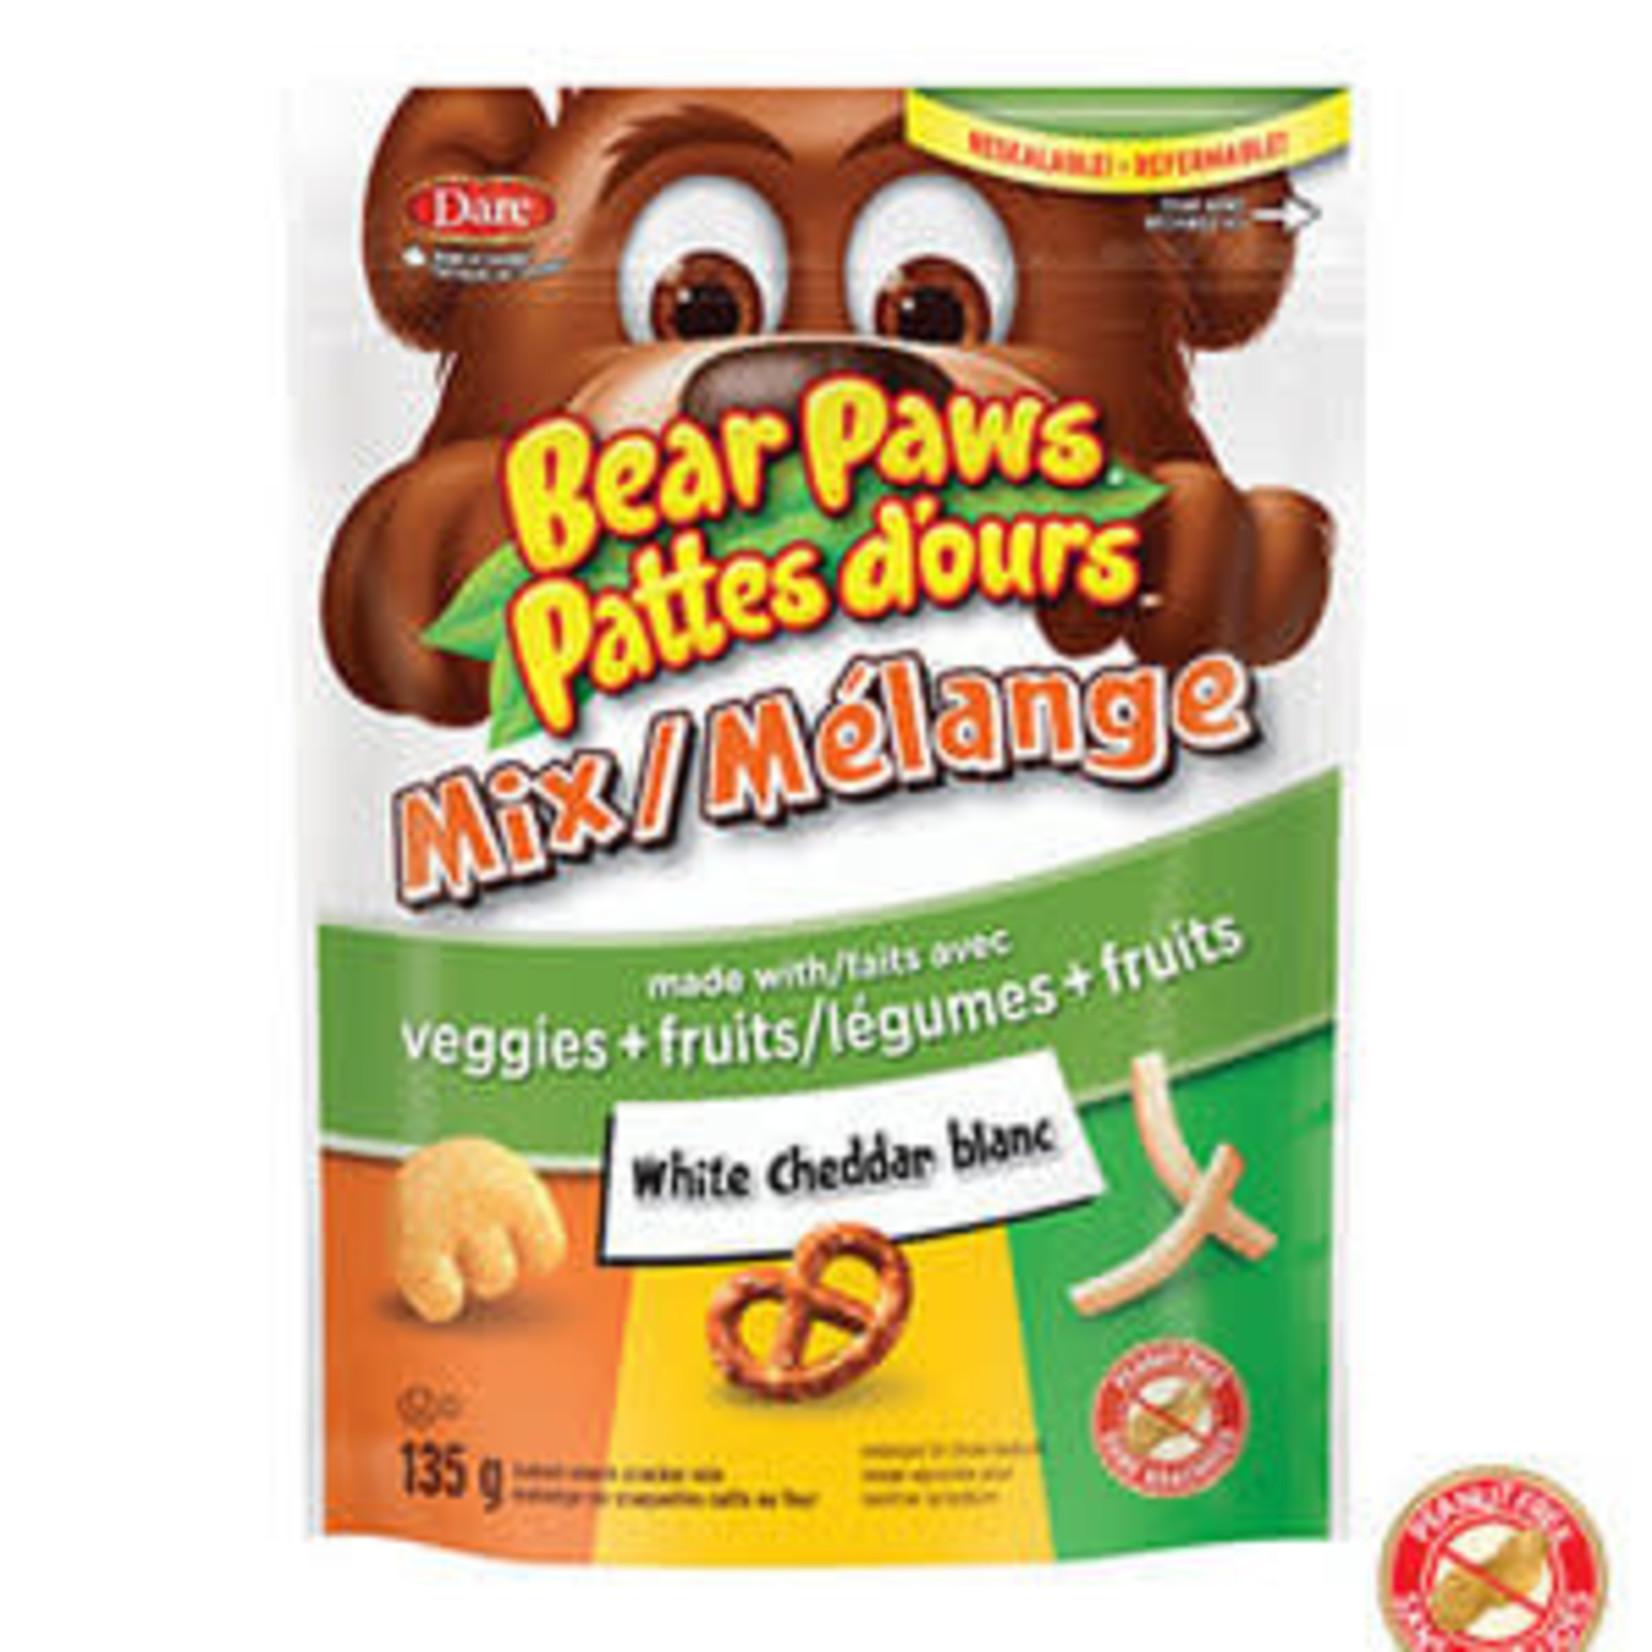 Bear Paws Mix White Cheddar 135g single